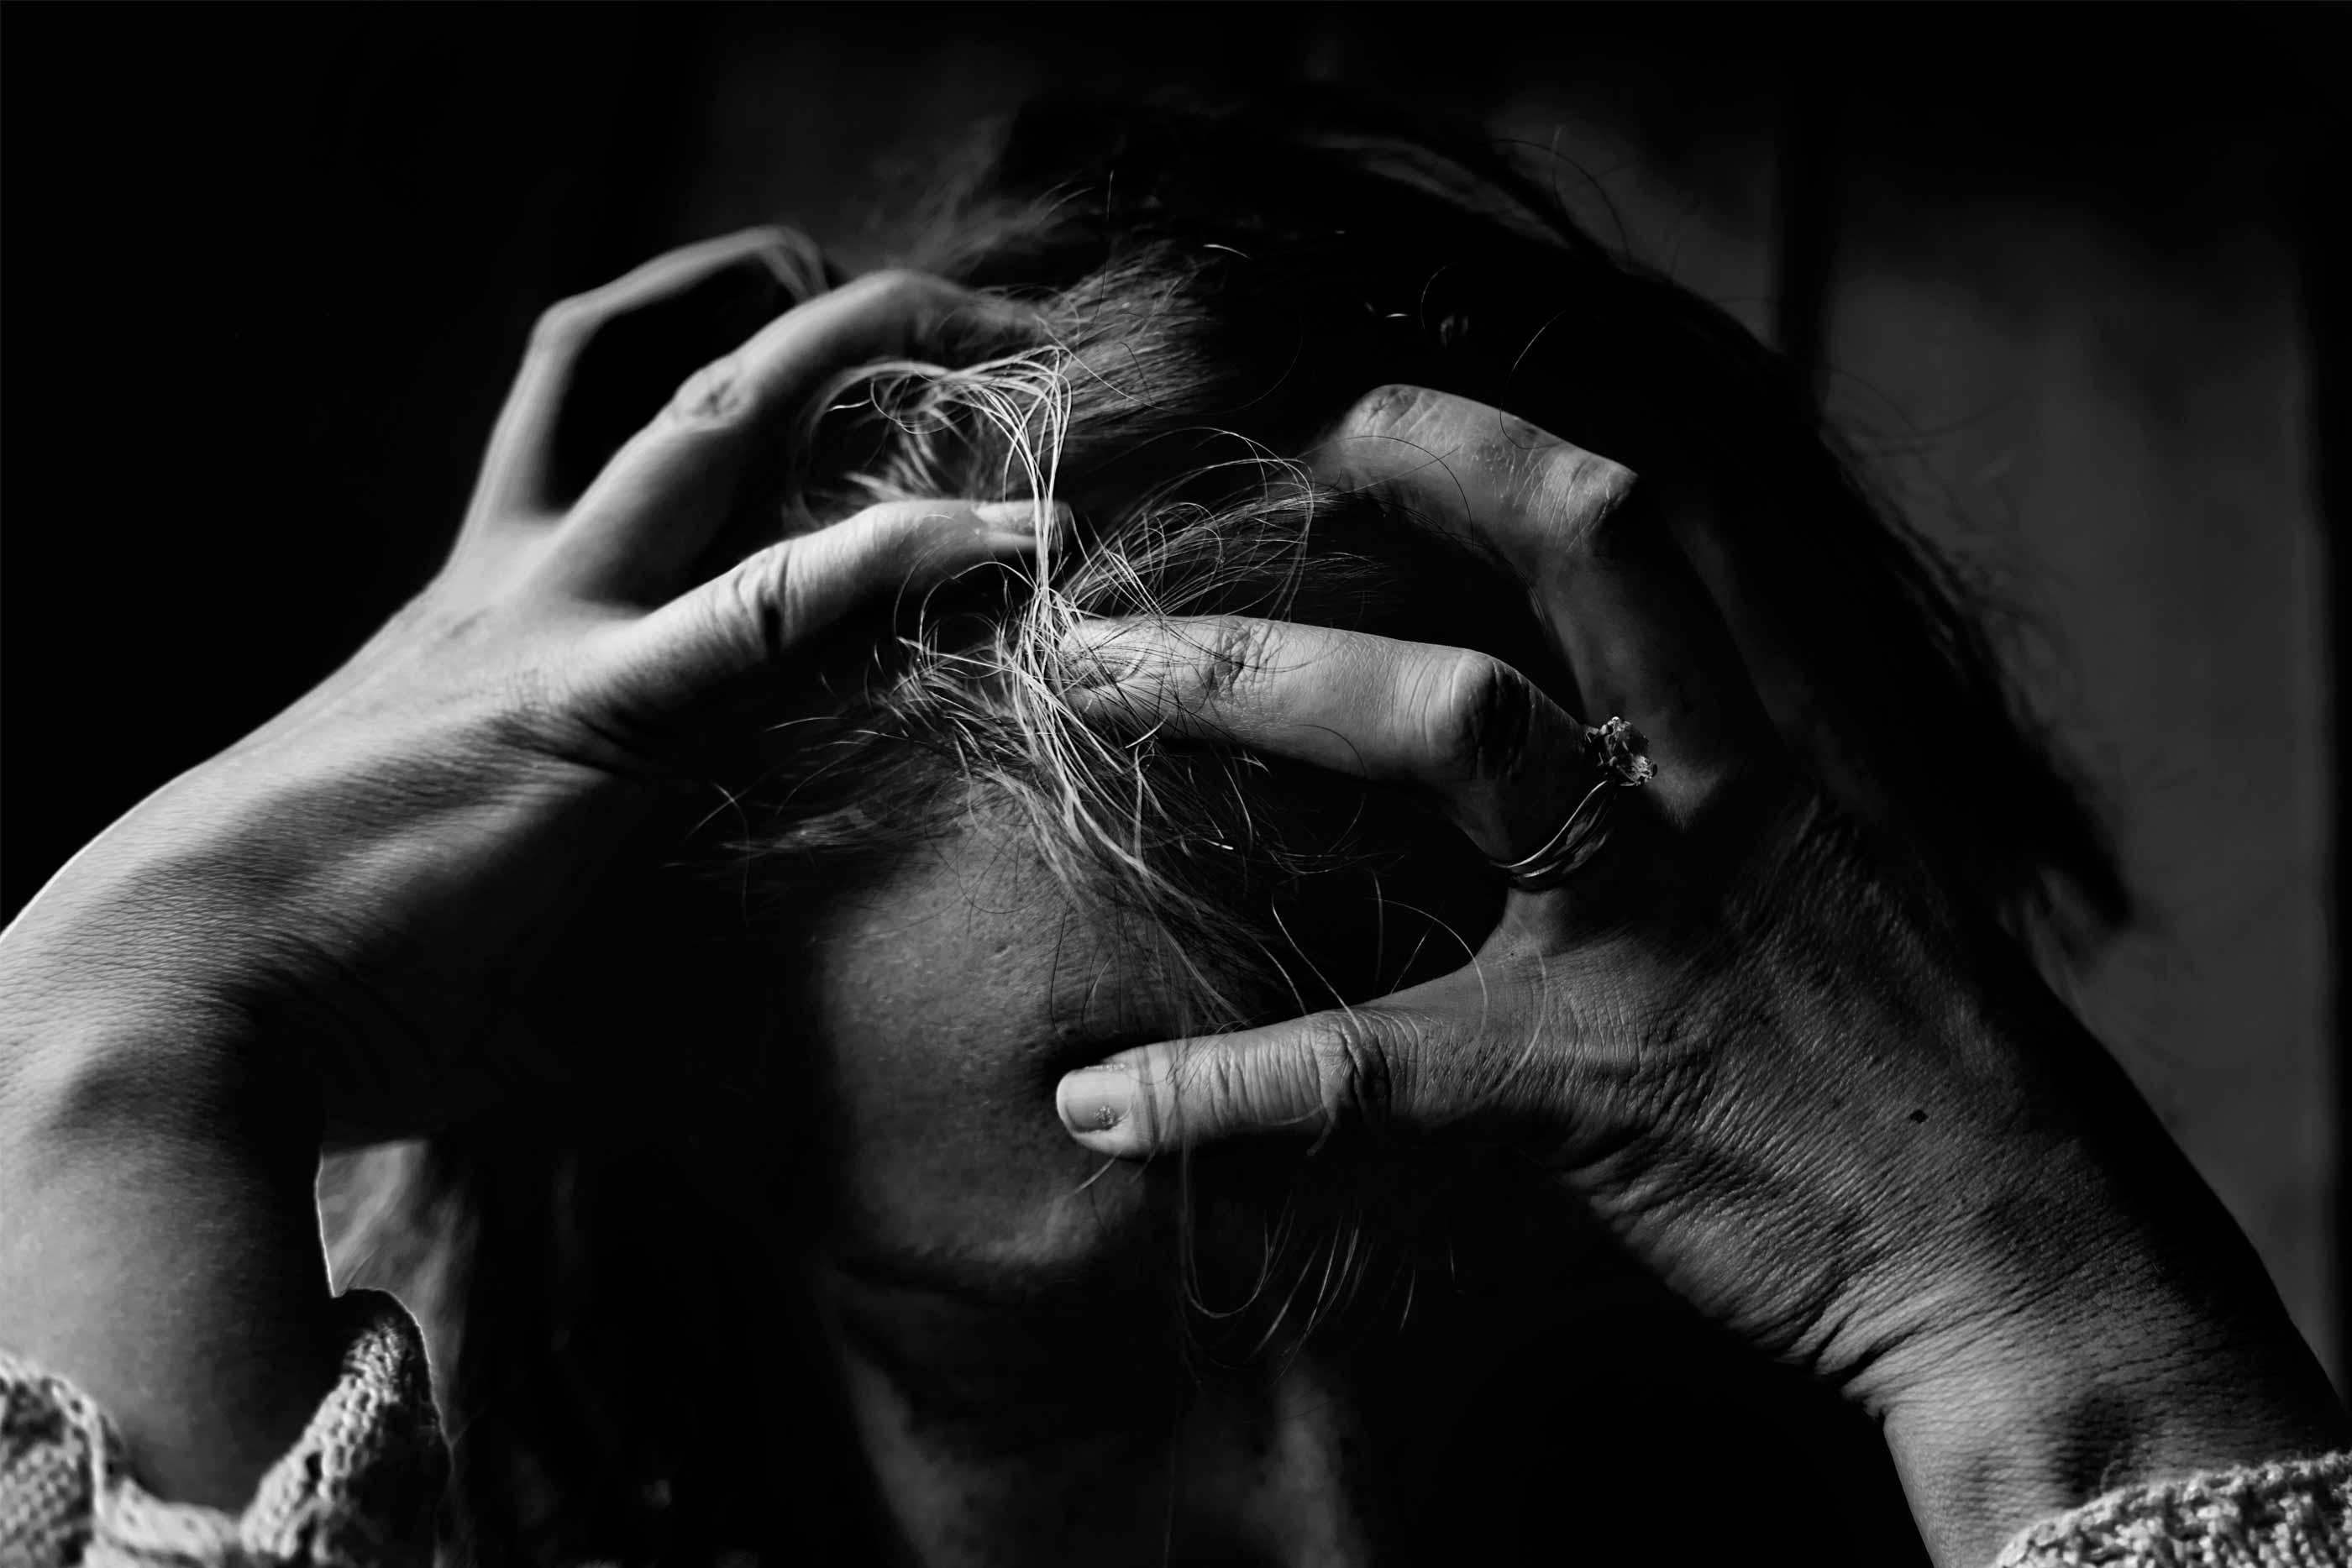 Imagem a preto e branco mostra uma mulher com as mãos na cabeça e a ter um esgotamento nervoso. Está em lágrimas e quase a arrancar os cabelos.